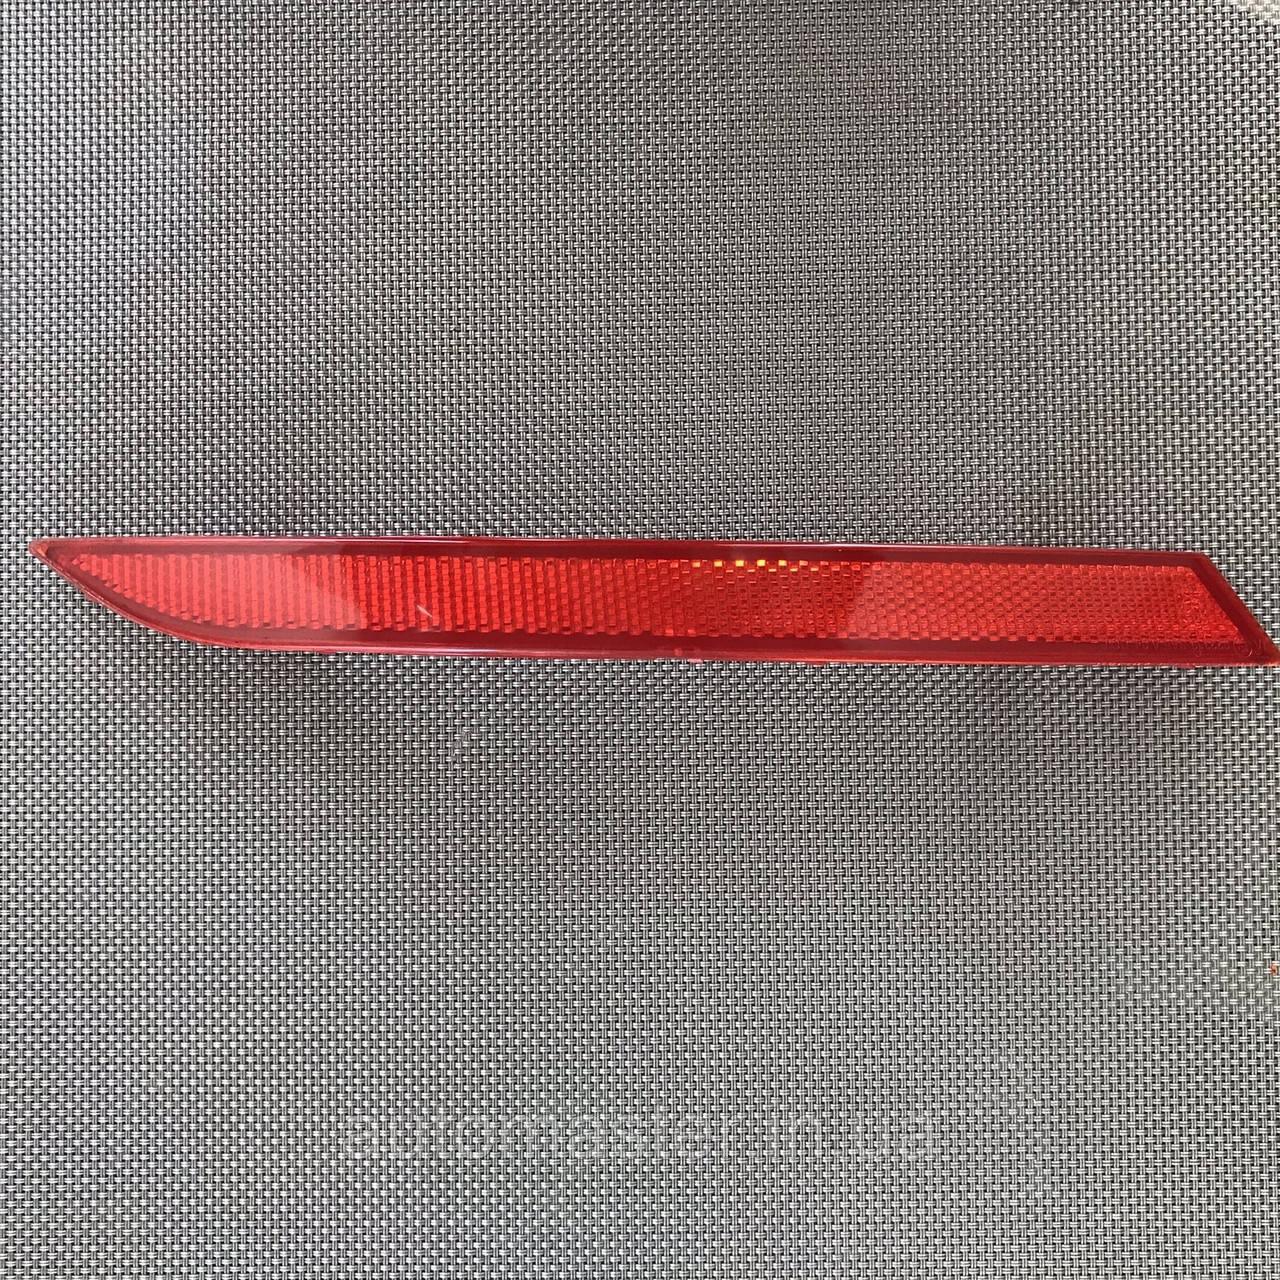 ЗАДНИЙ ЛЕВЫЙ ОТРАЖАТЕЛЬ БАМПЕРА Volkswagen VW PASSAT CC 08 -12 , 3C8 945 106 A,3C8945106A